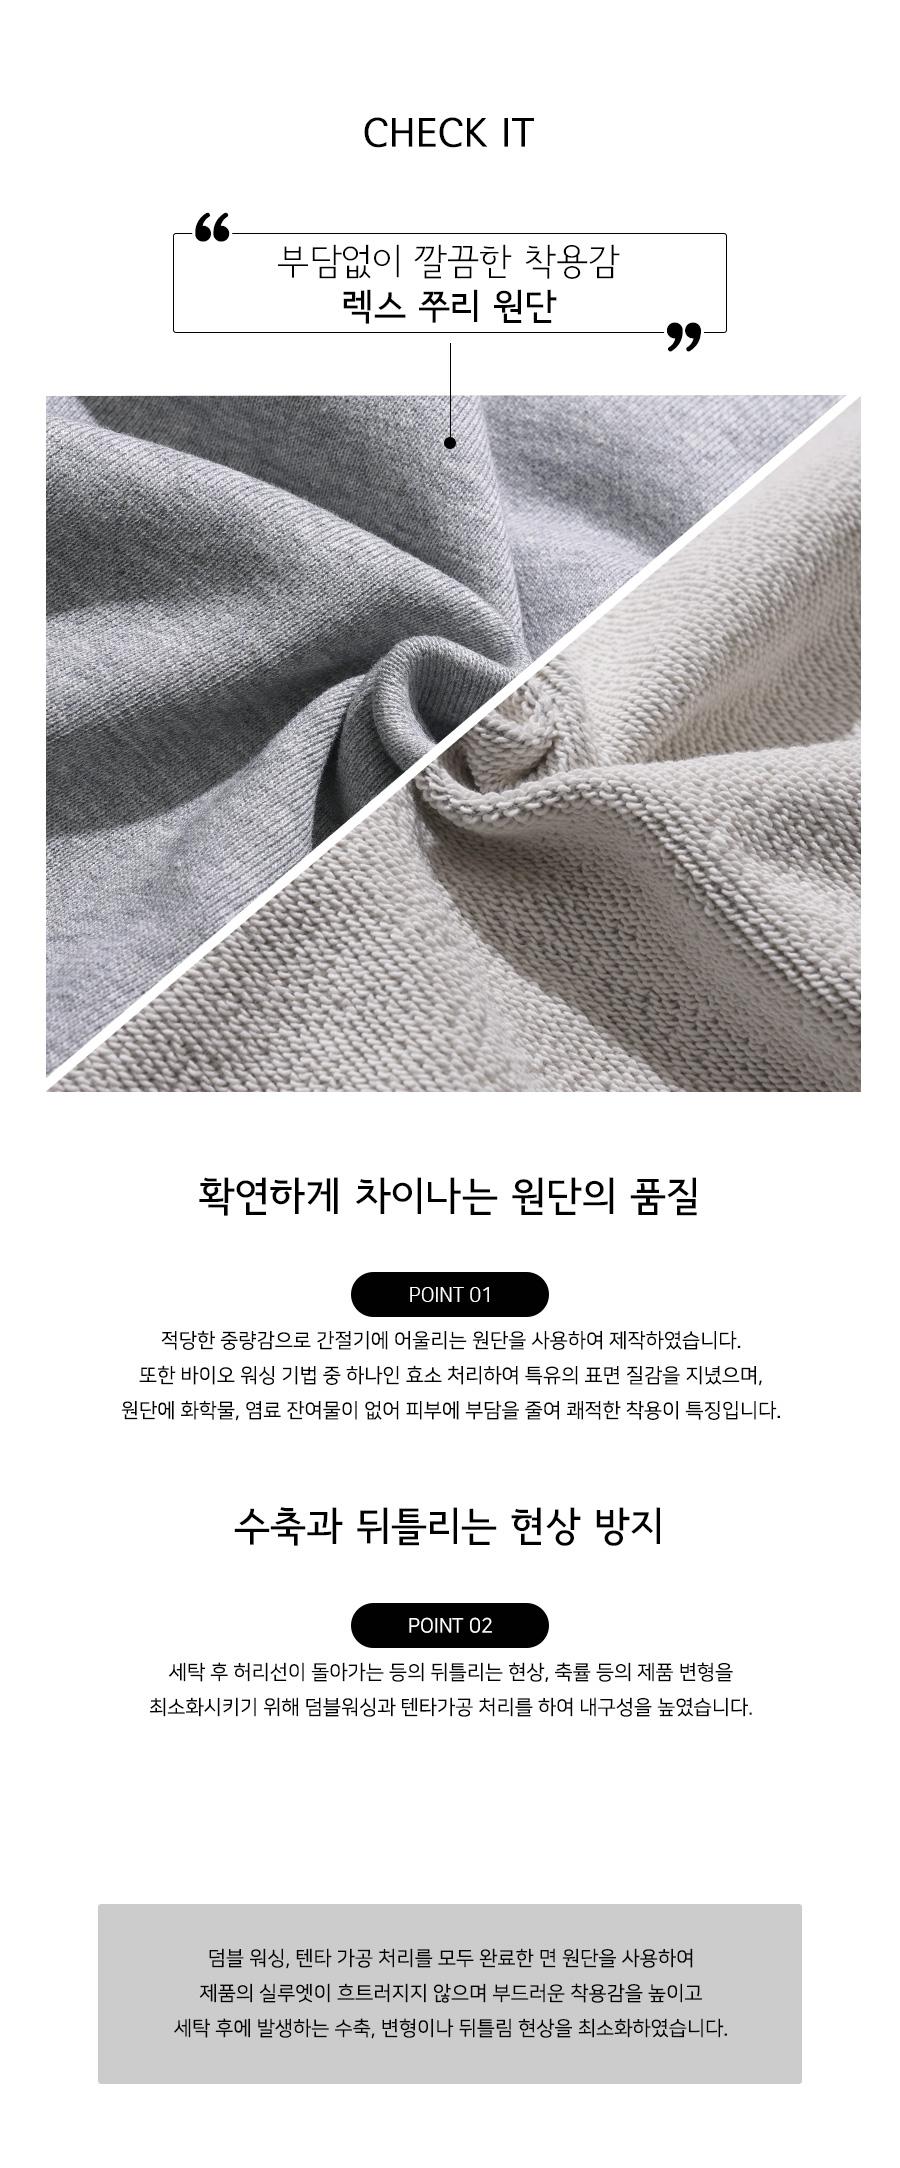 4404_info_gray_bj.jpg